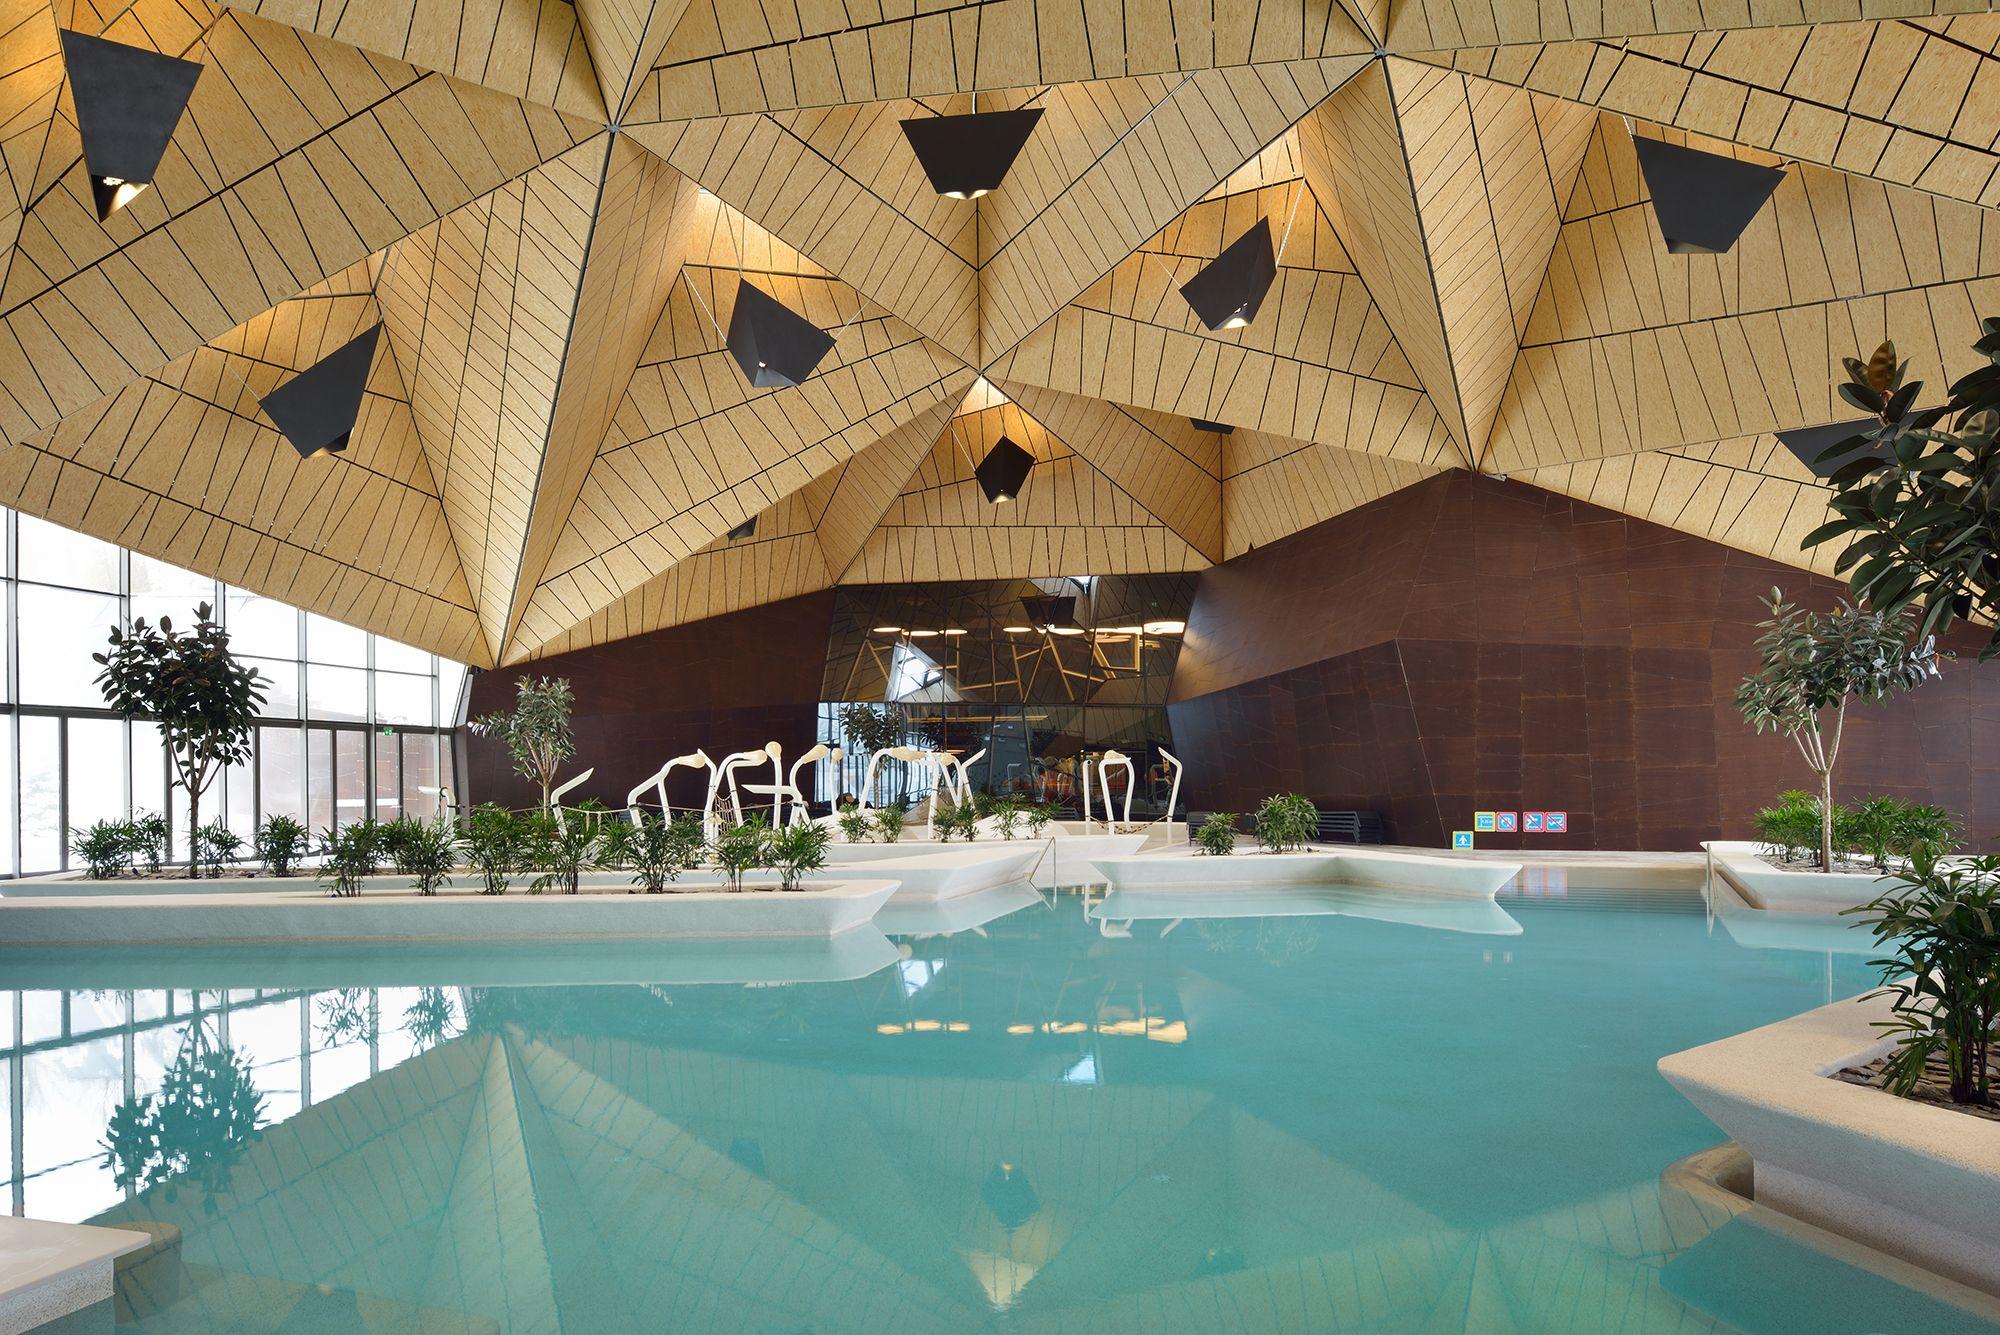 Paesaggi D Acqua Piscine la sbalorditiva piscina del centro termale in slovenia